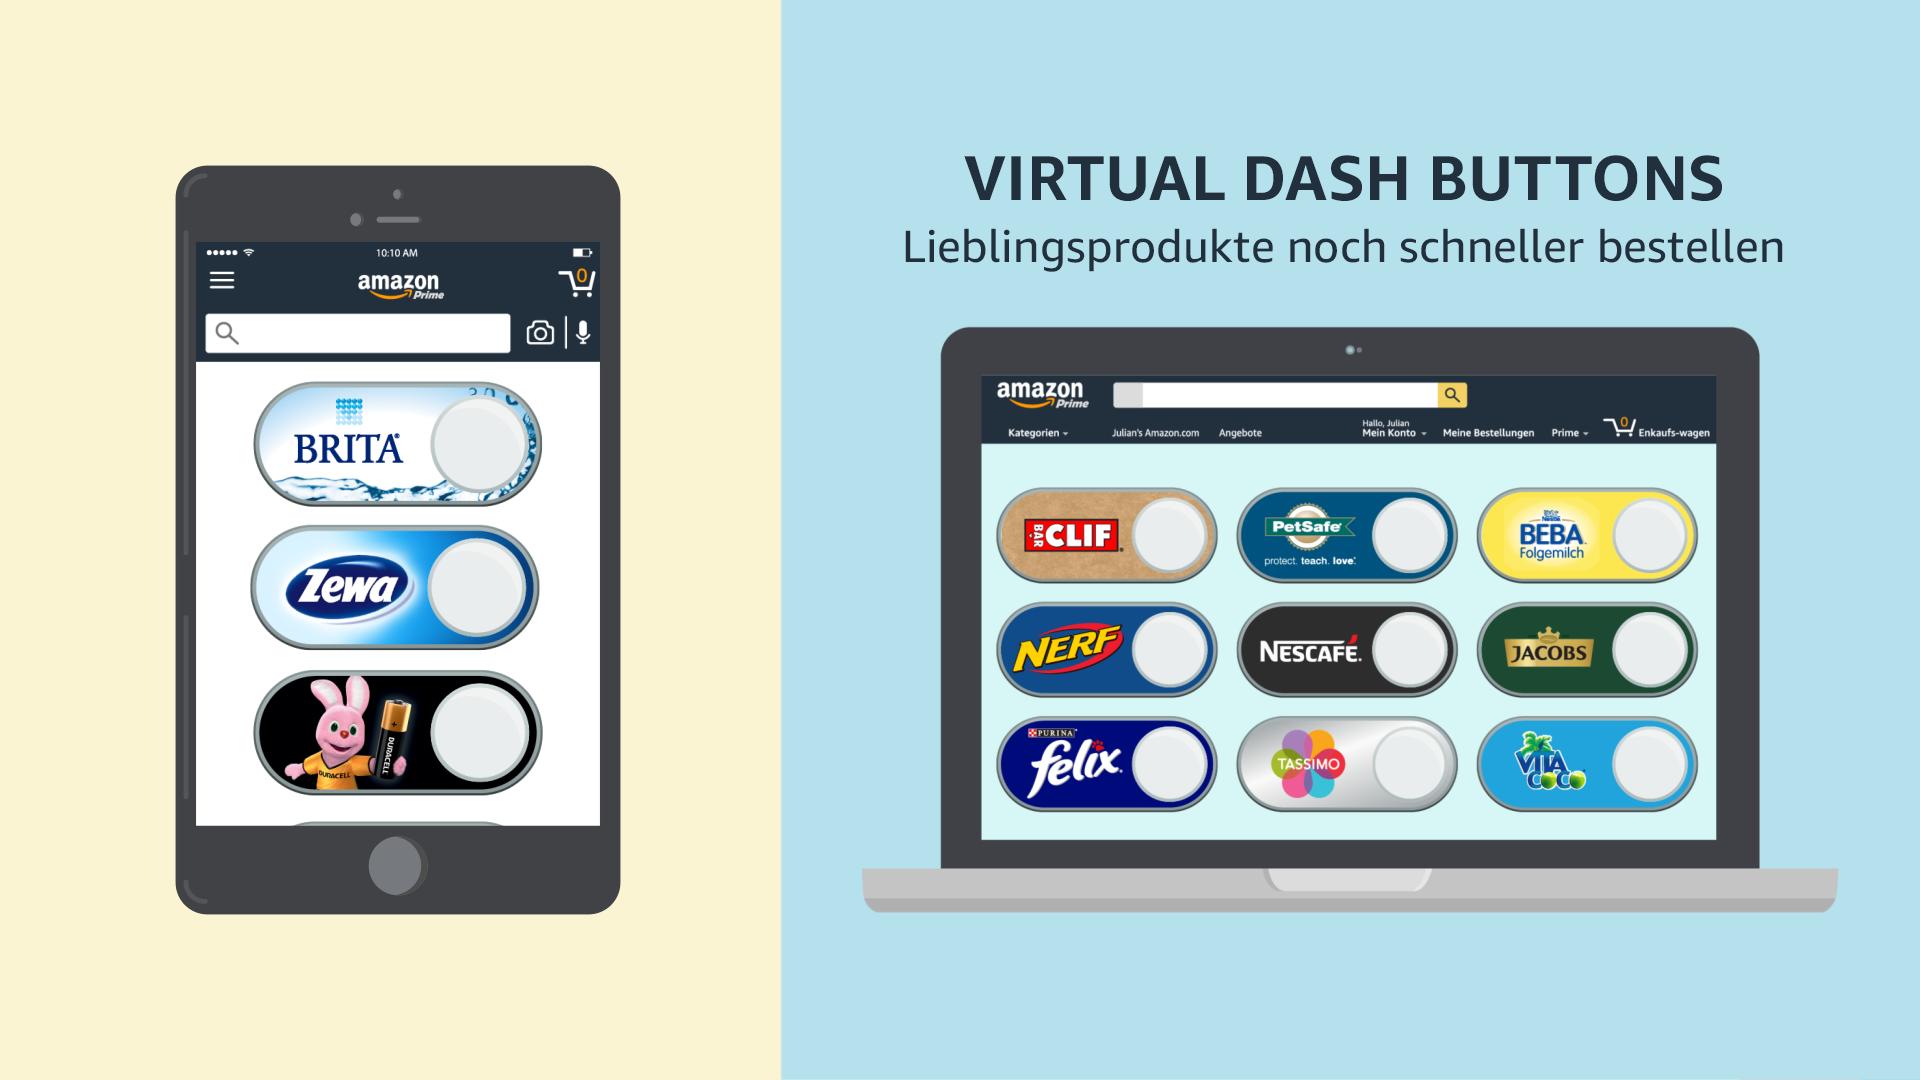 Superior Mithilfe Von Virtual Dash Buttons Können Sie Ihre Lieblingsprodukte Auf  Amazon Schnell Und Einfach Finden Und Nachbestellen. Virtual Dash Buttons  Stehen ...